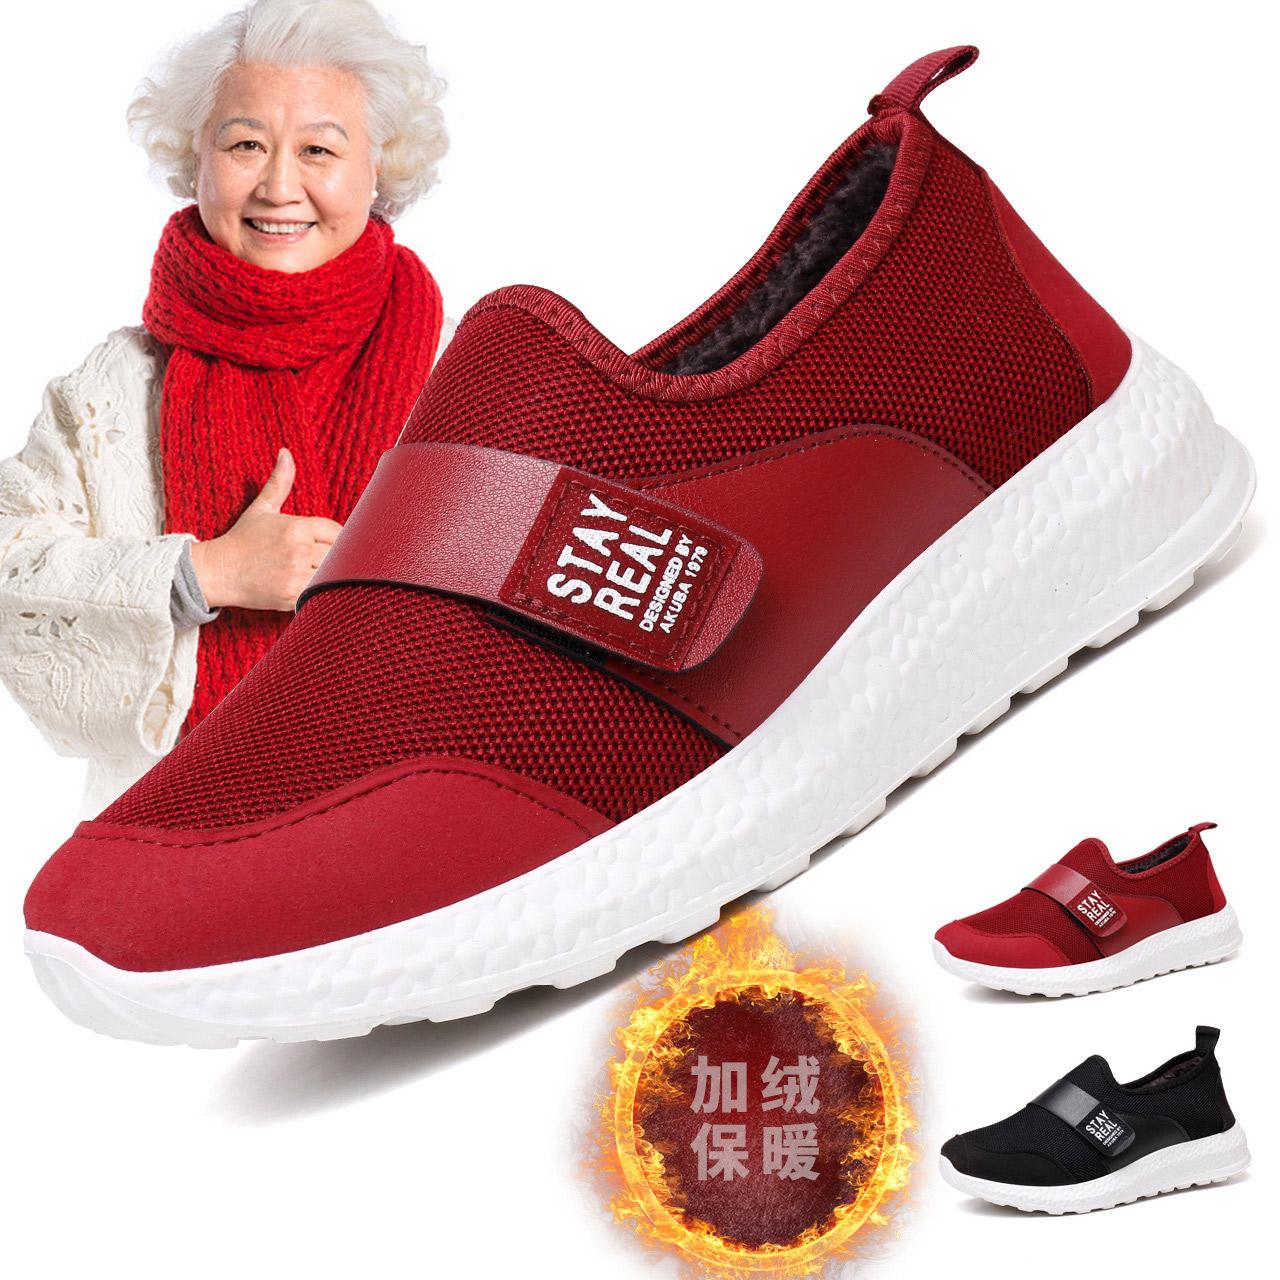 雨蒂冬季爆款加绒保暖妈妈鞋健步鞋休闲运动百搭女棉鞋广场舞鞋女